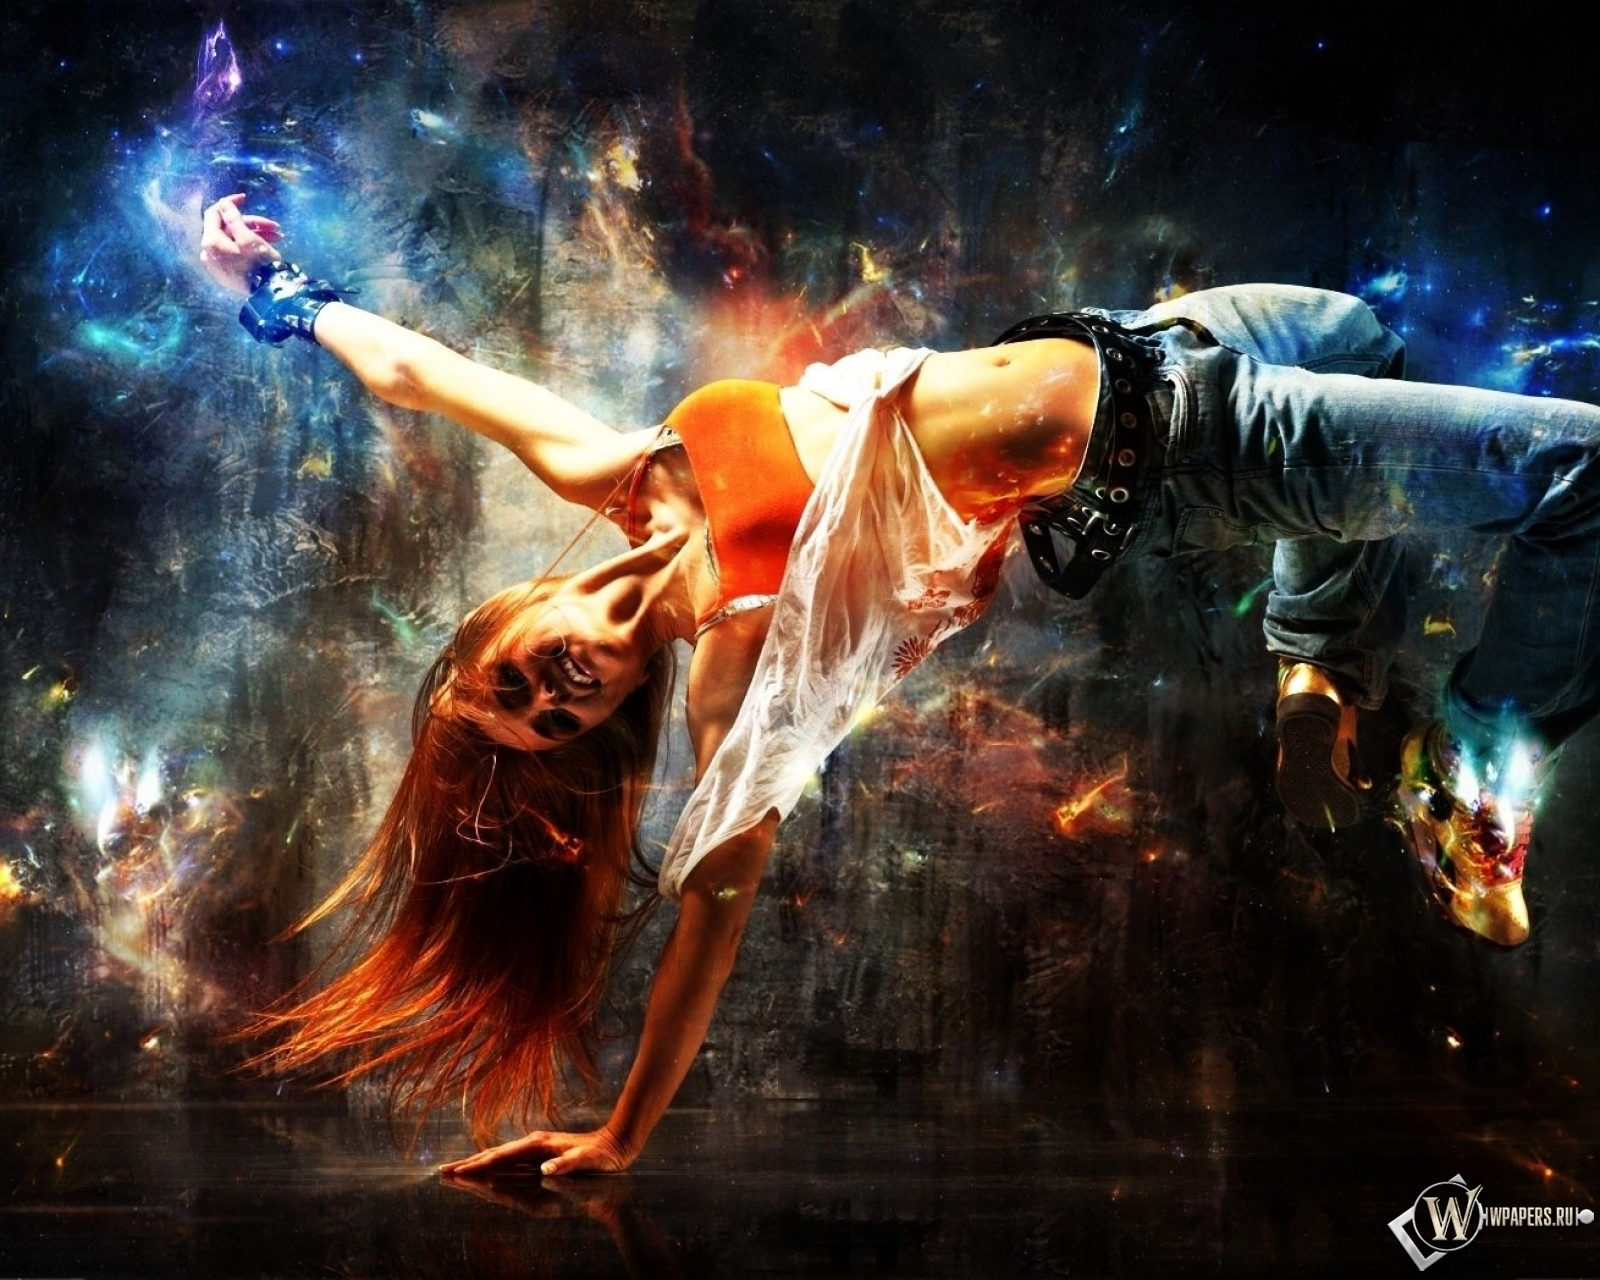 Арт музыка танцы  № 2843825 бесплатно